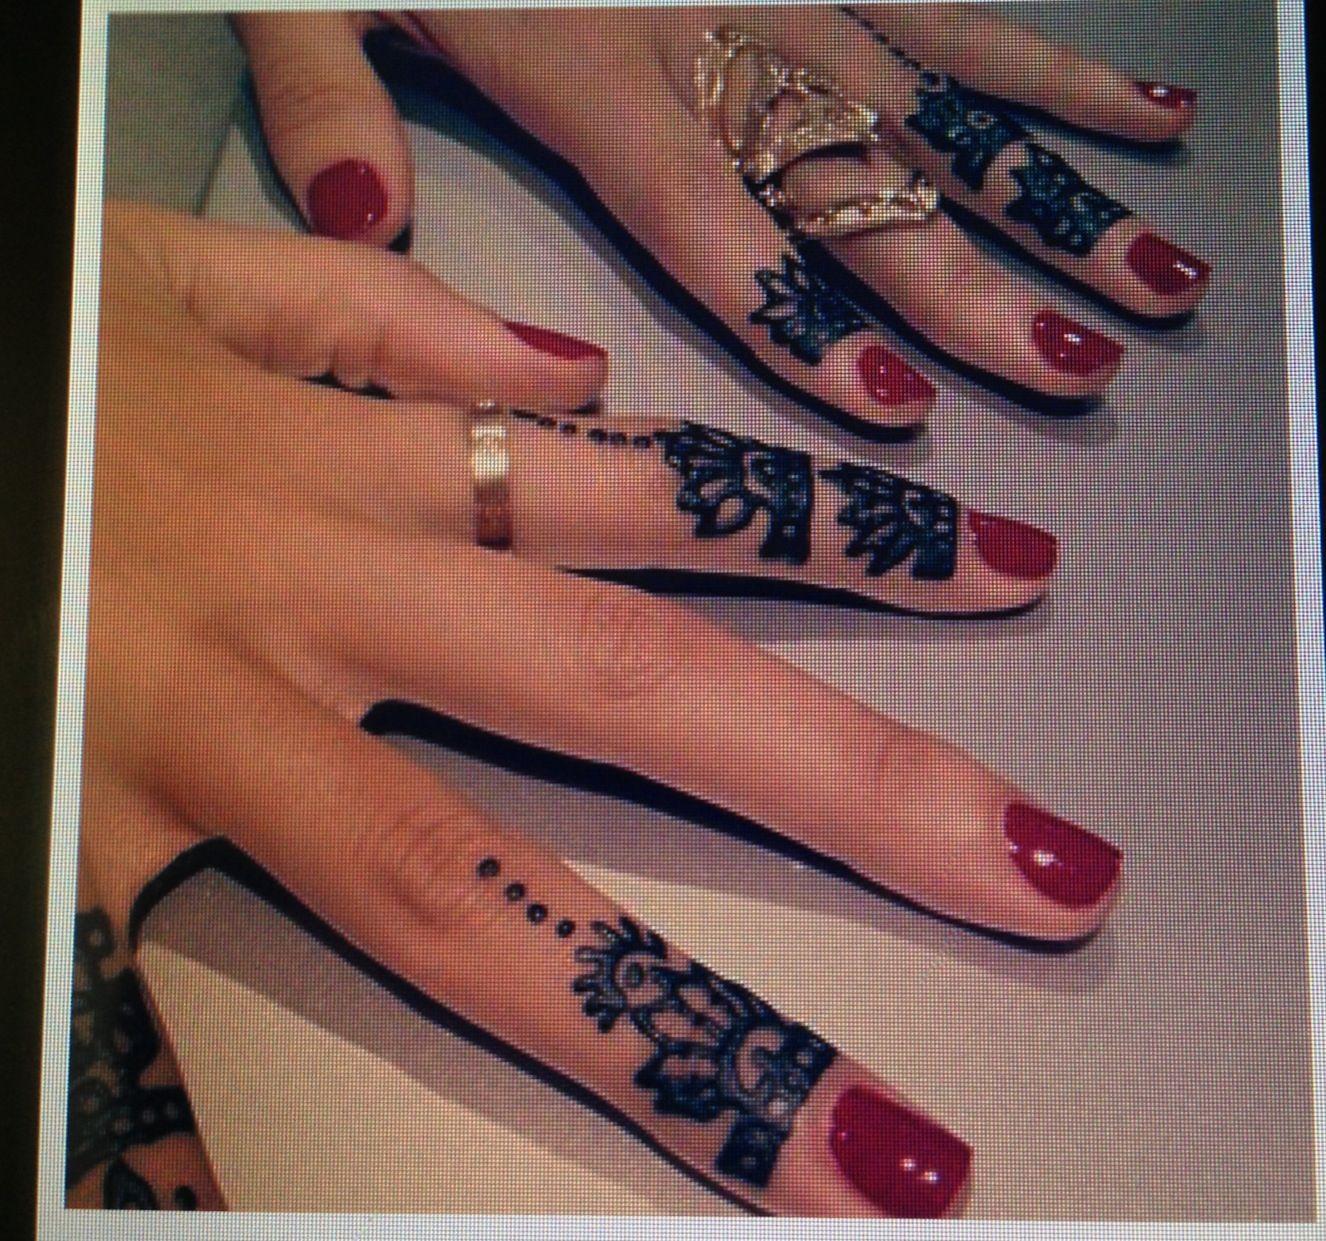 Henna Finger Tattoos: Tattoos & Piercings